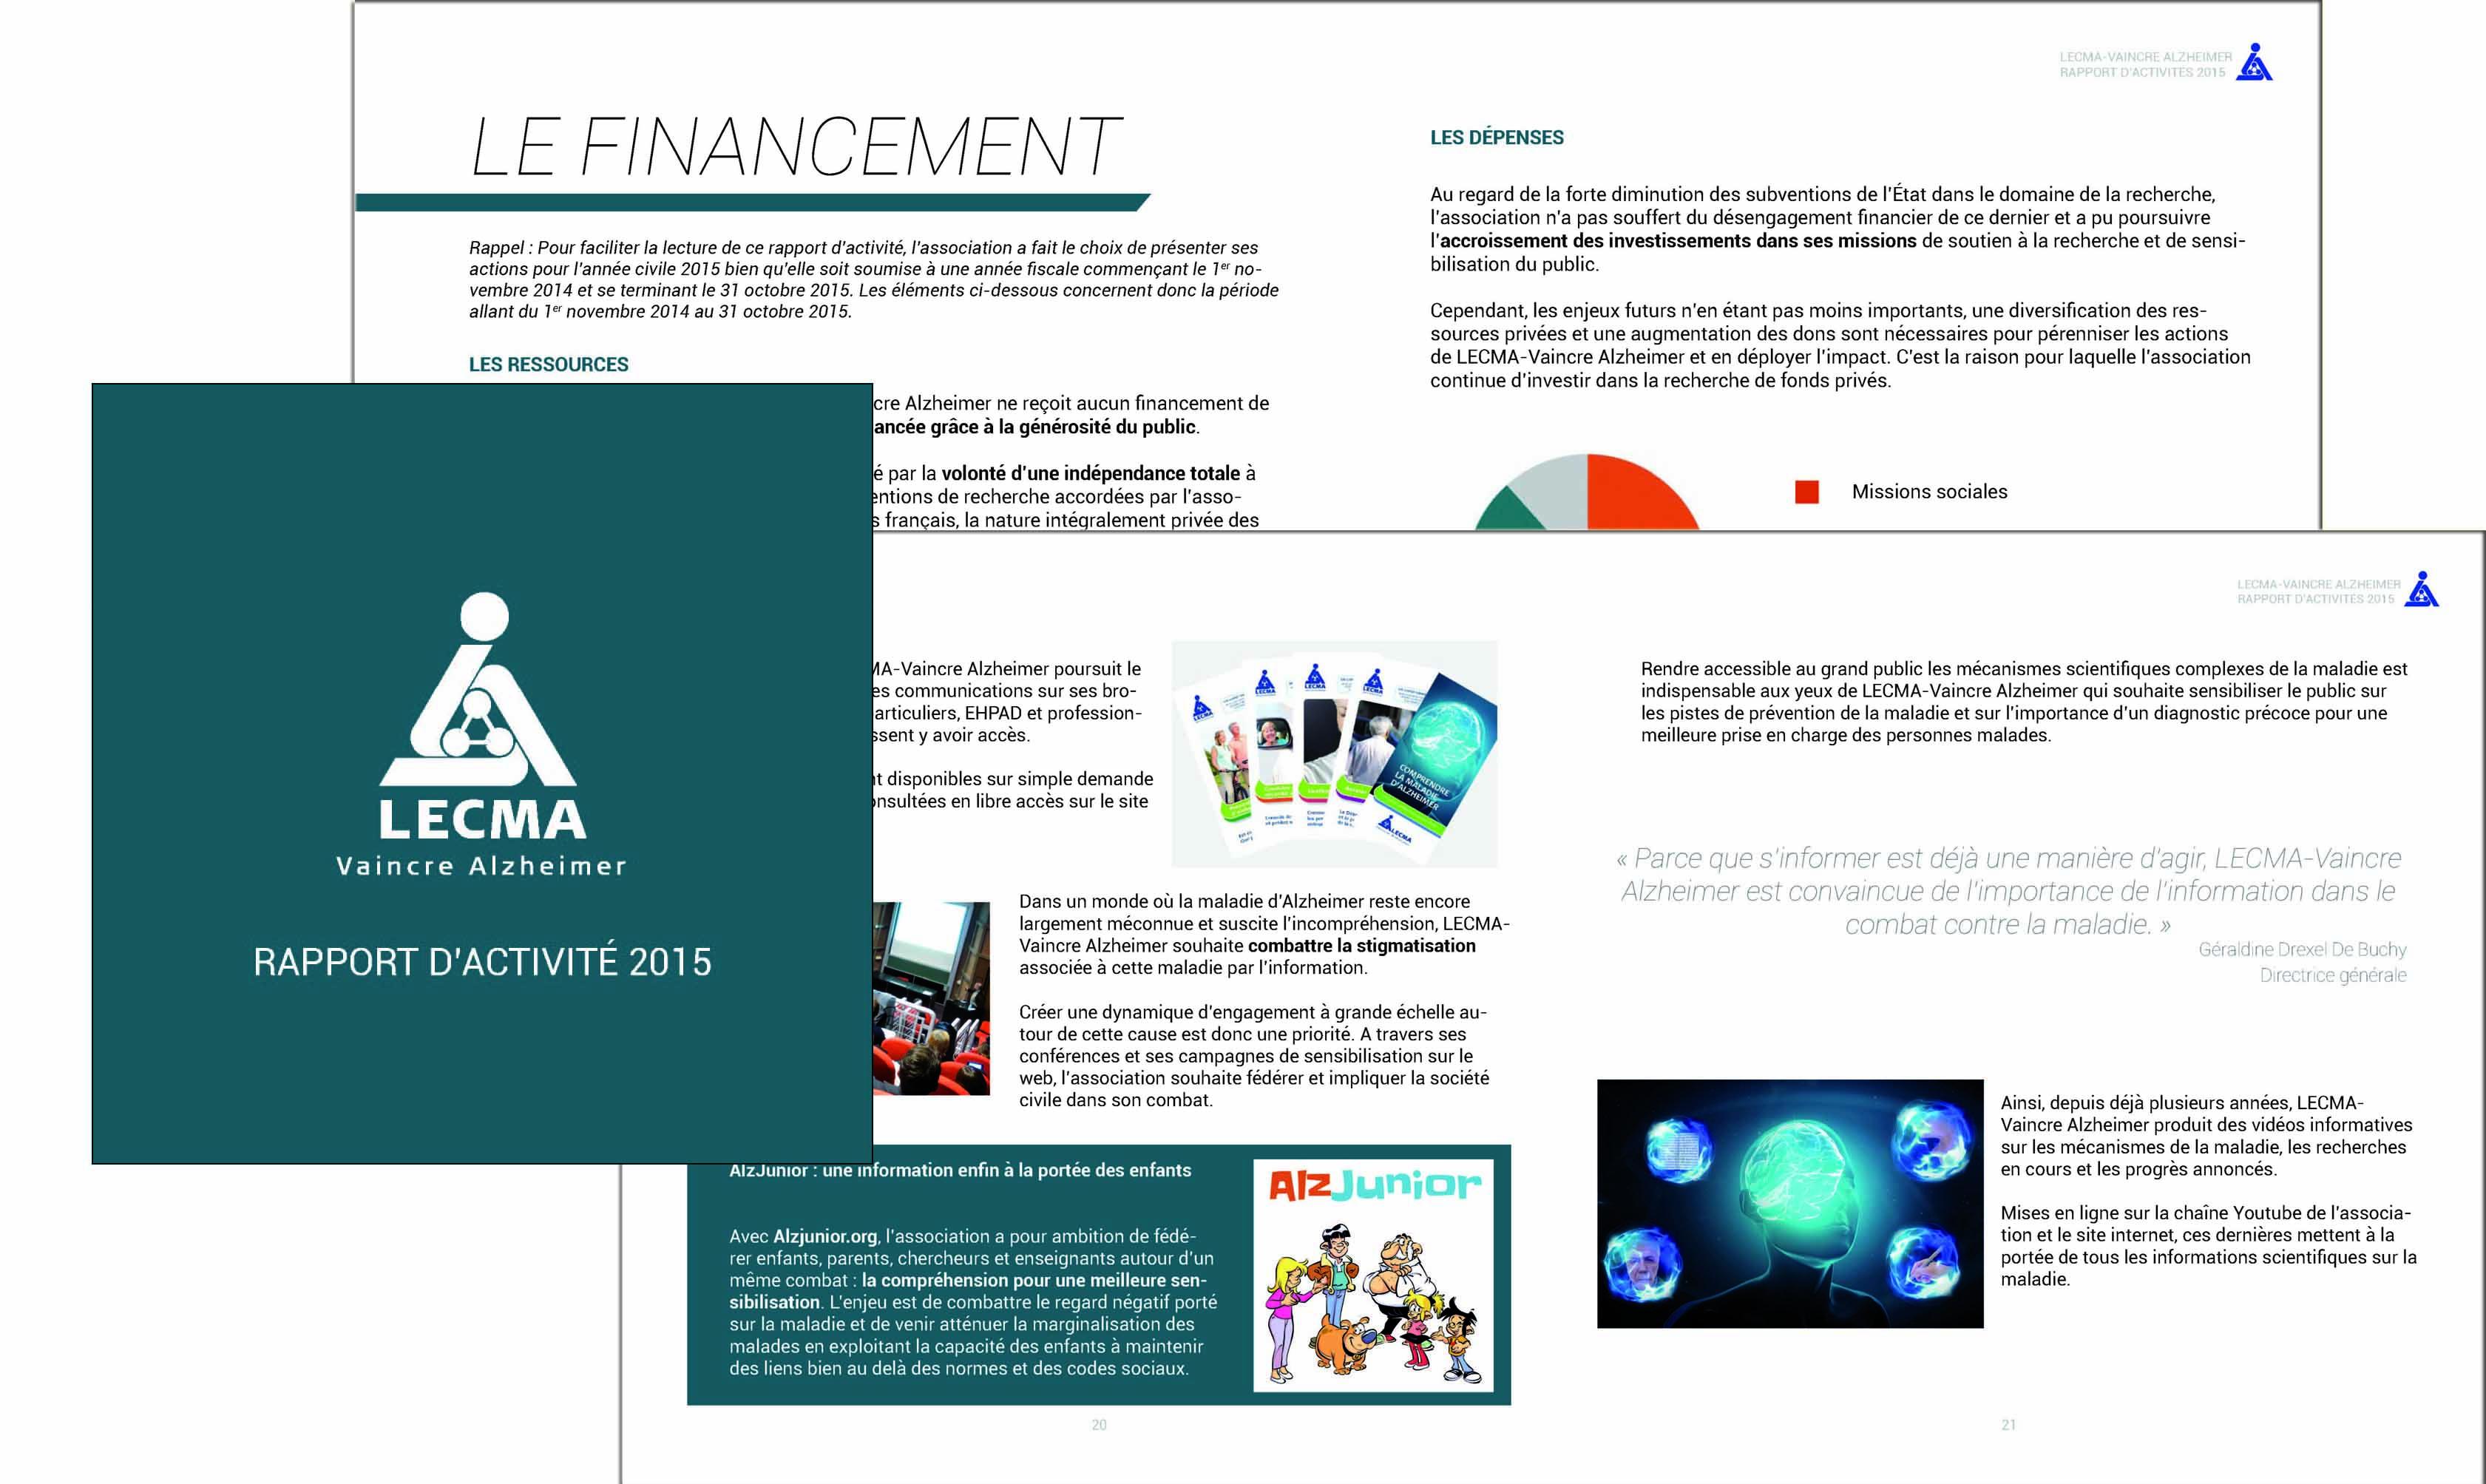 rapport d'activité 2015